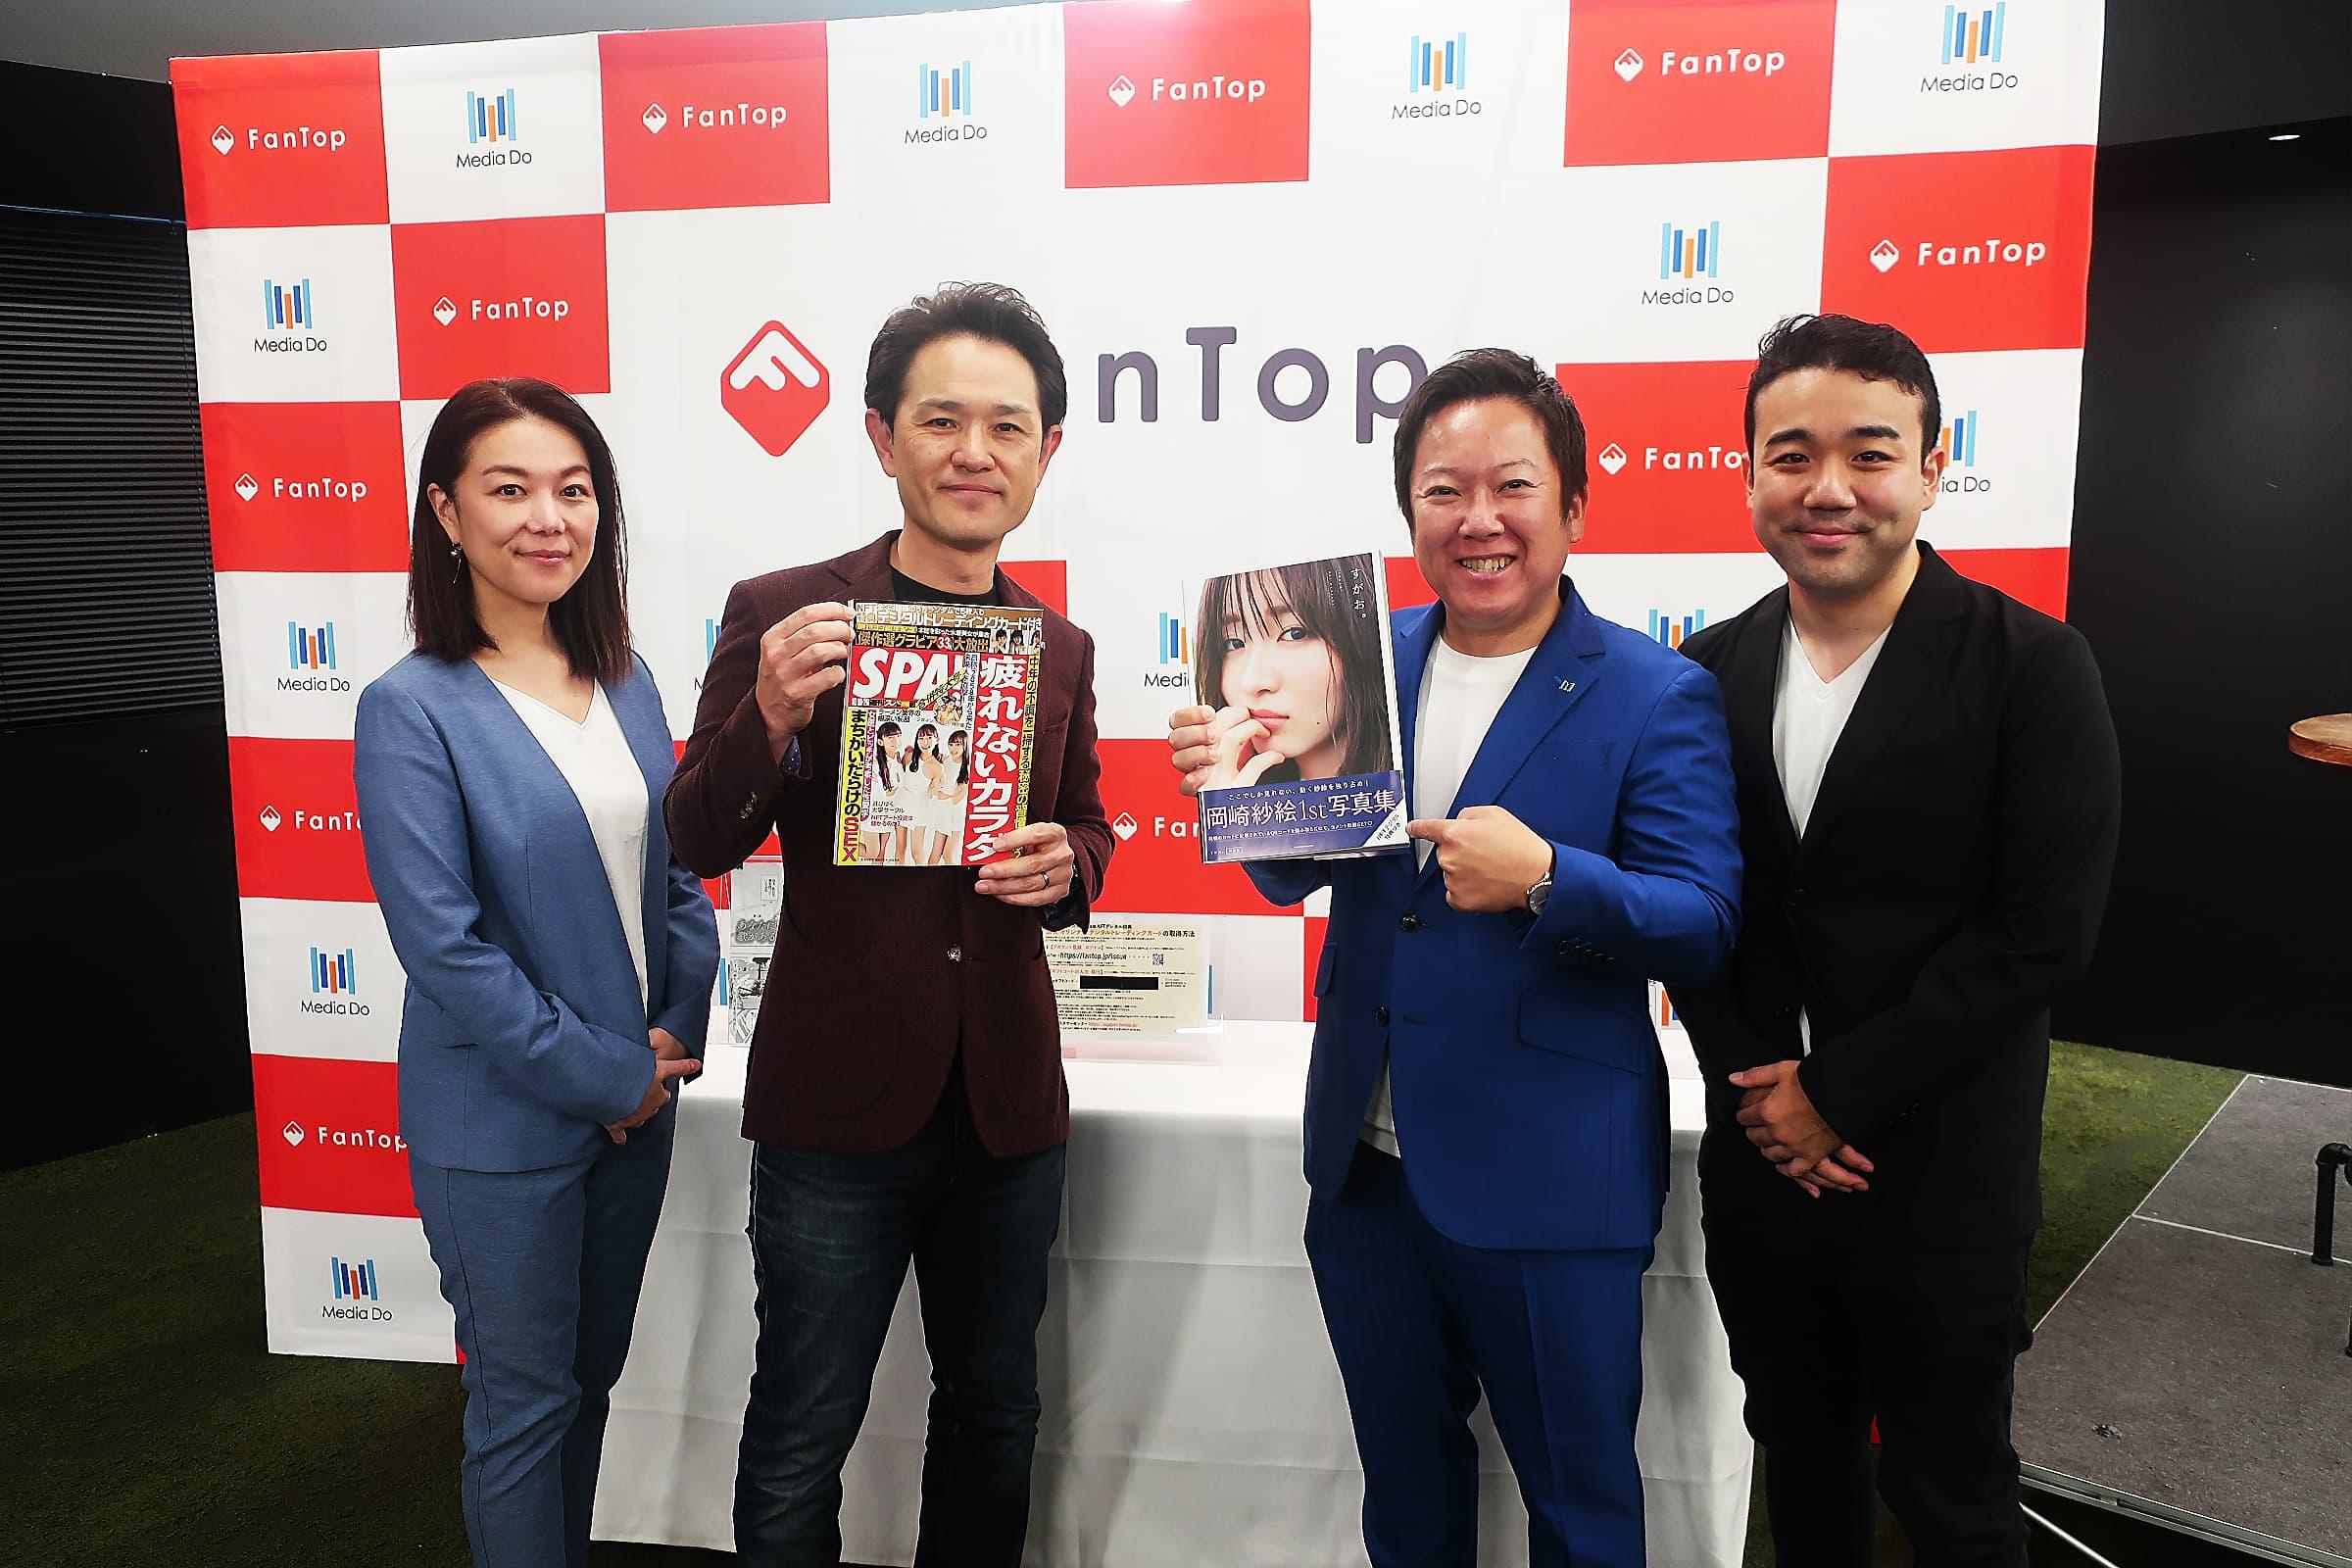 「Fan Top」発表記者説明会フォトセッションにて メディアドゥ藤田氏(中央右)、溝口氏(中央左)